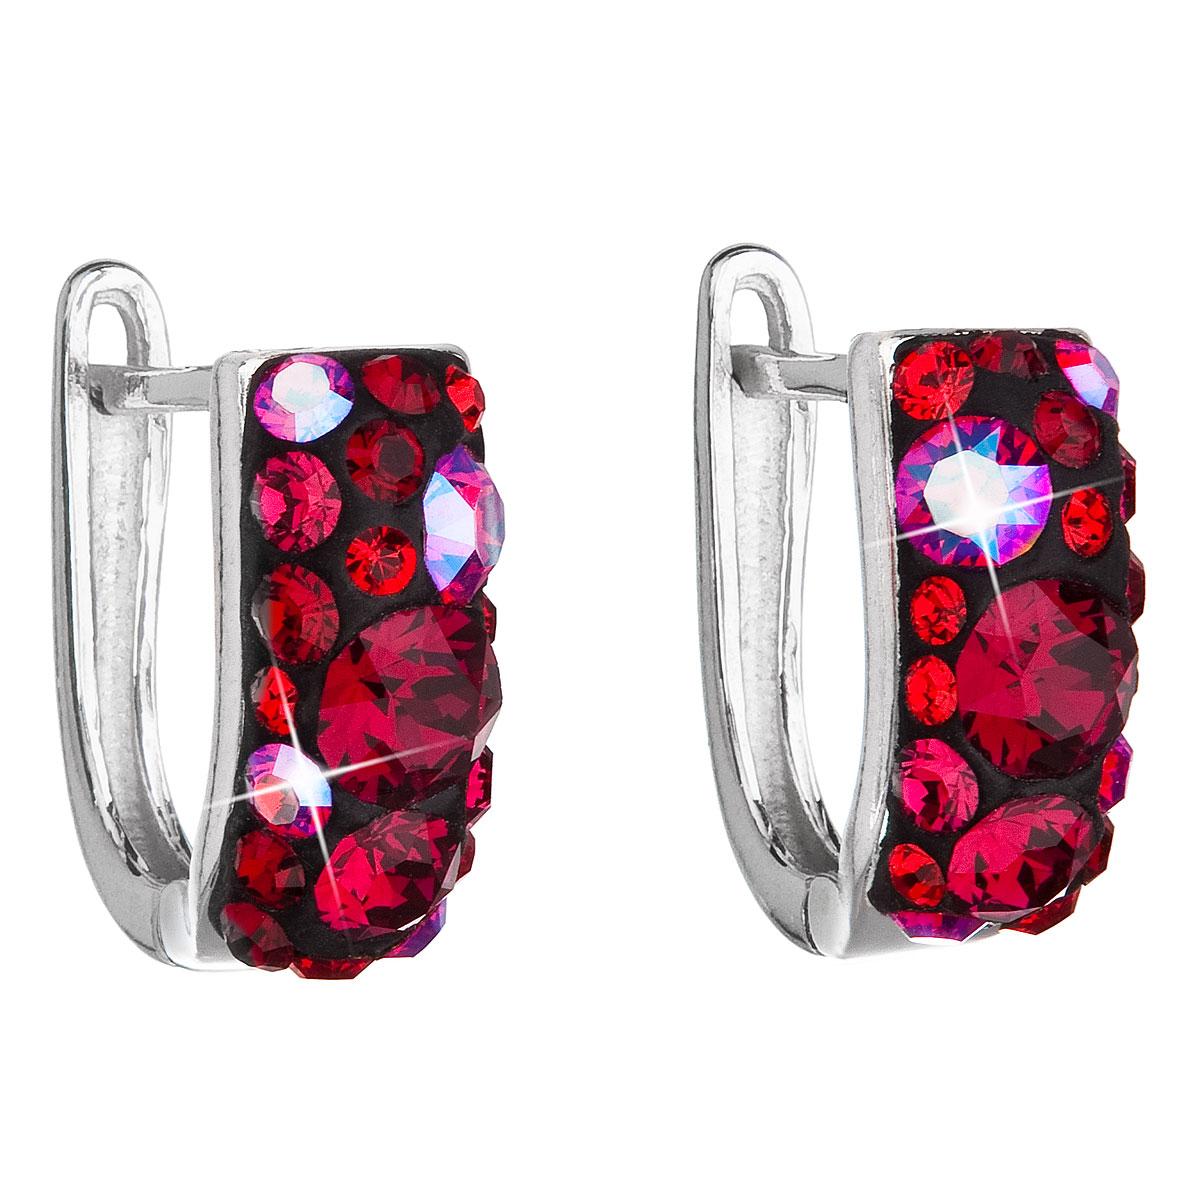 Evolution Group Stříbrné náušnice visací s krystaly Swarovski červený půlkruh 31123.3 cherry